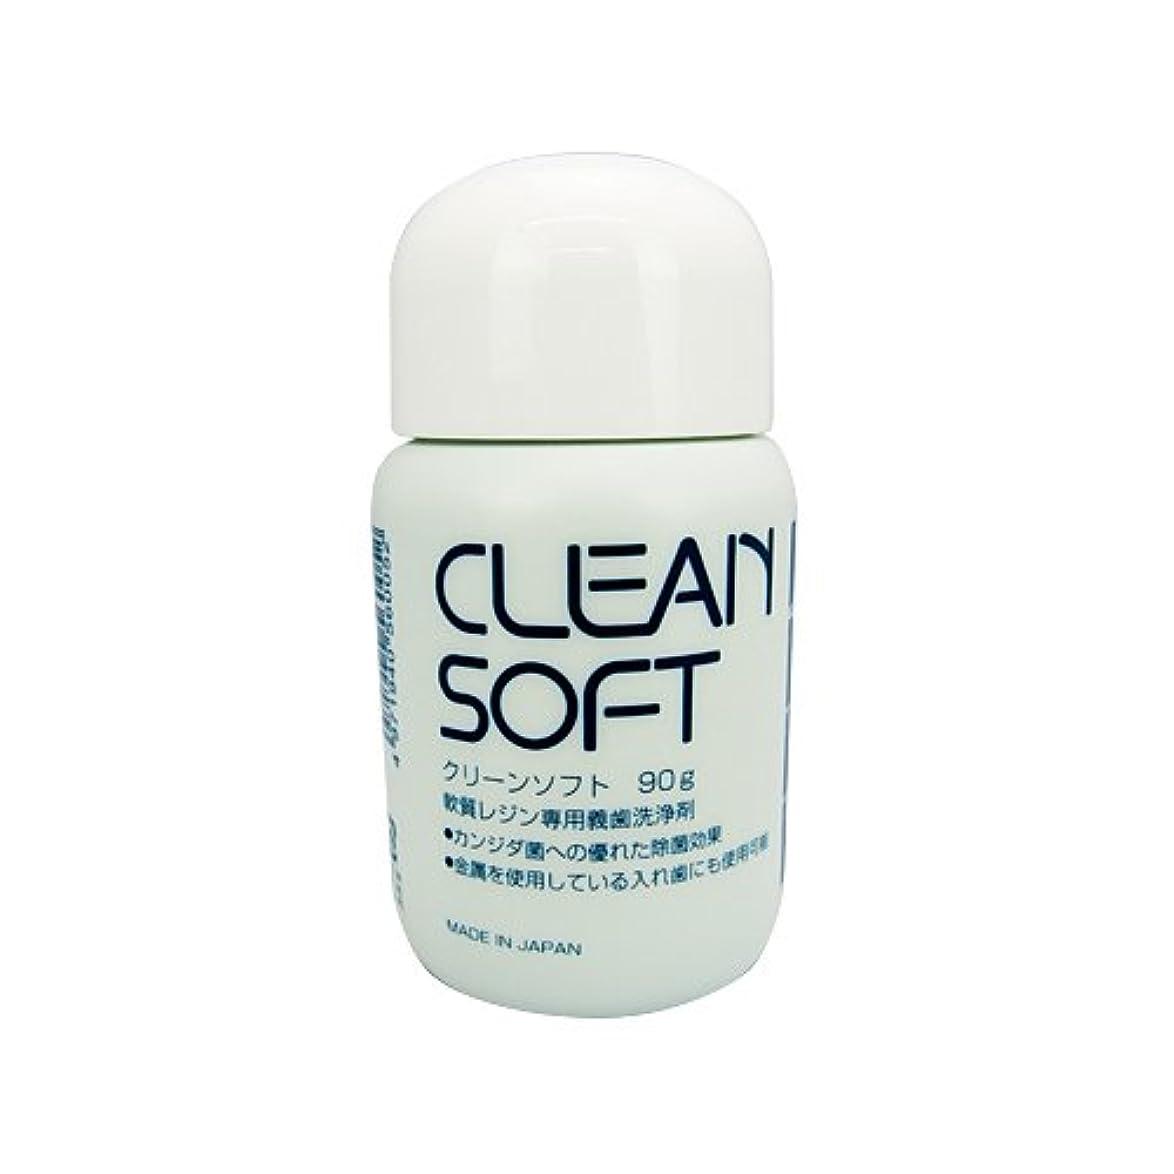 レトルトタップセンブランスカメミズ クリーンソフト 義歯洗浄剤 90g × 1個